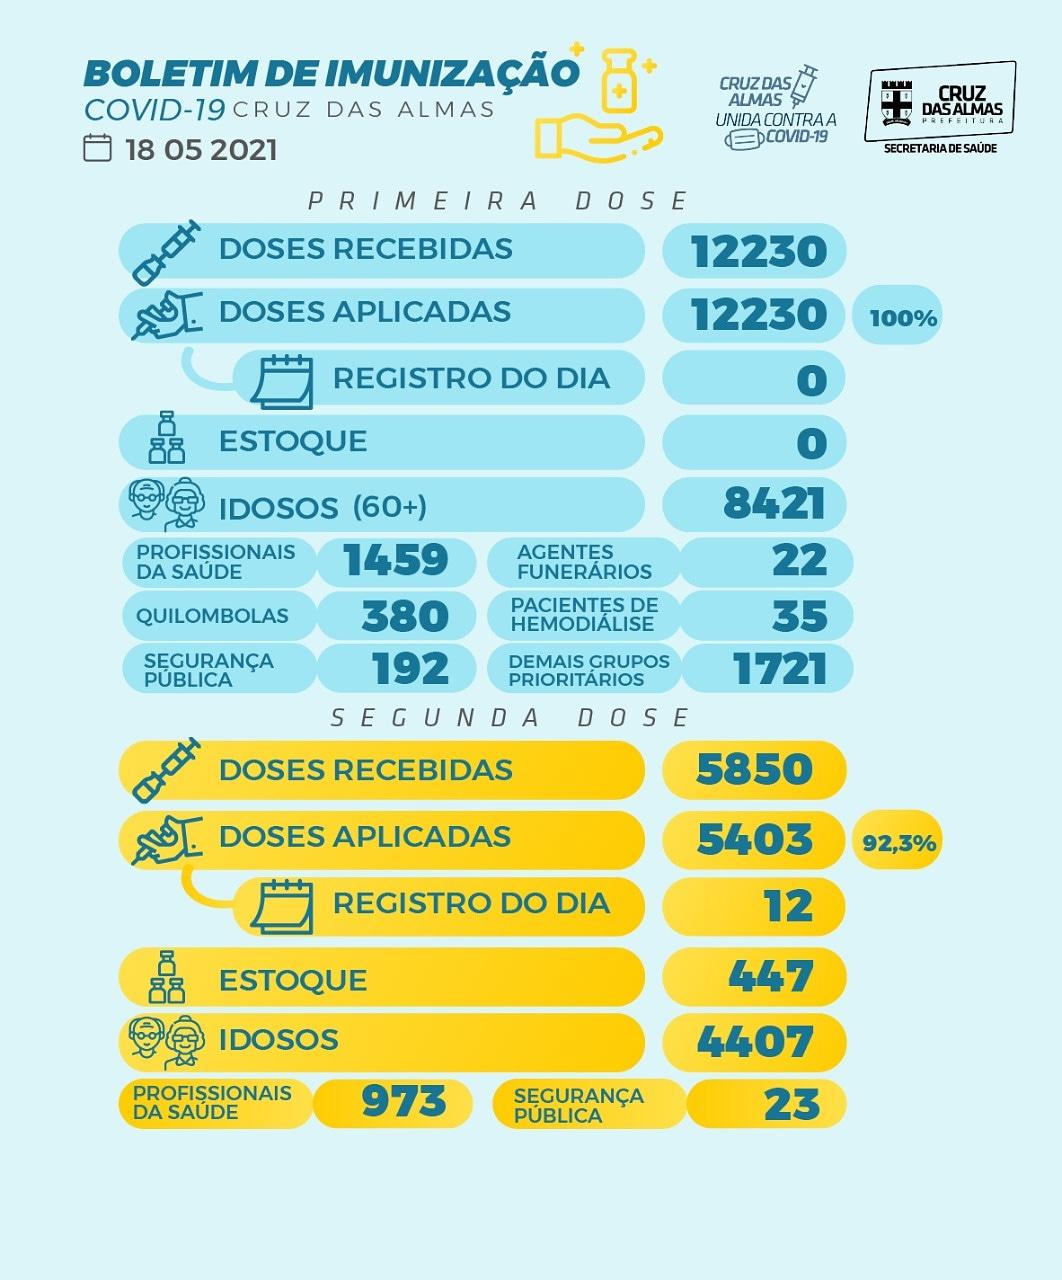 BOLETIM DE IMUNIZAÇÃO 18/05/2021